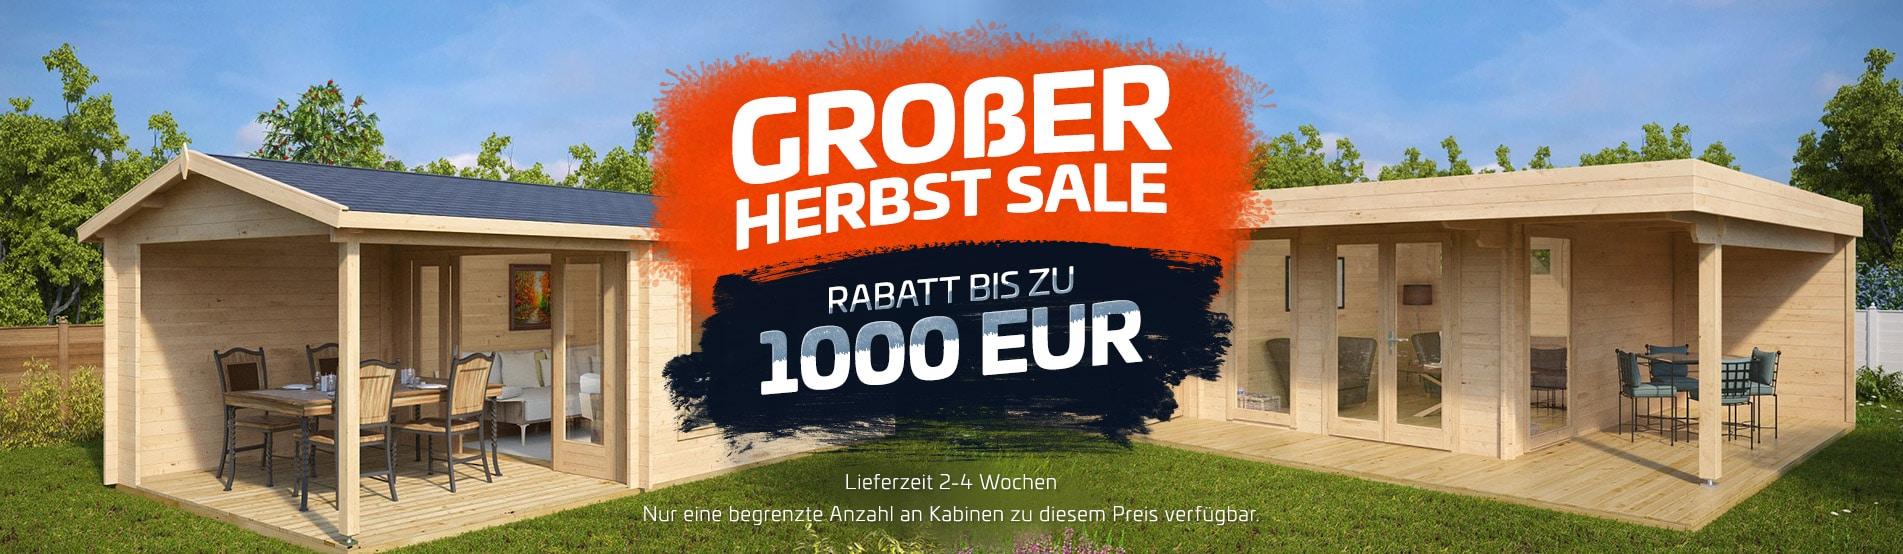 Großer Herbst Sale - Rabatt bis zu 1000 EUR